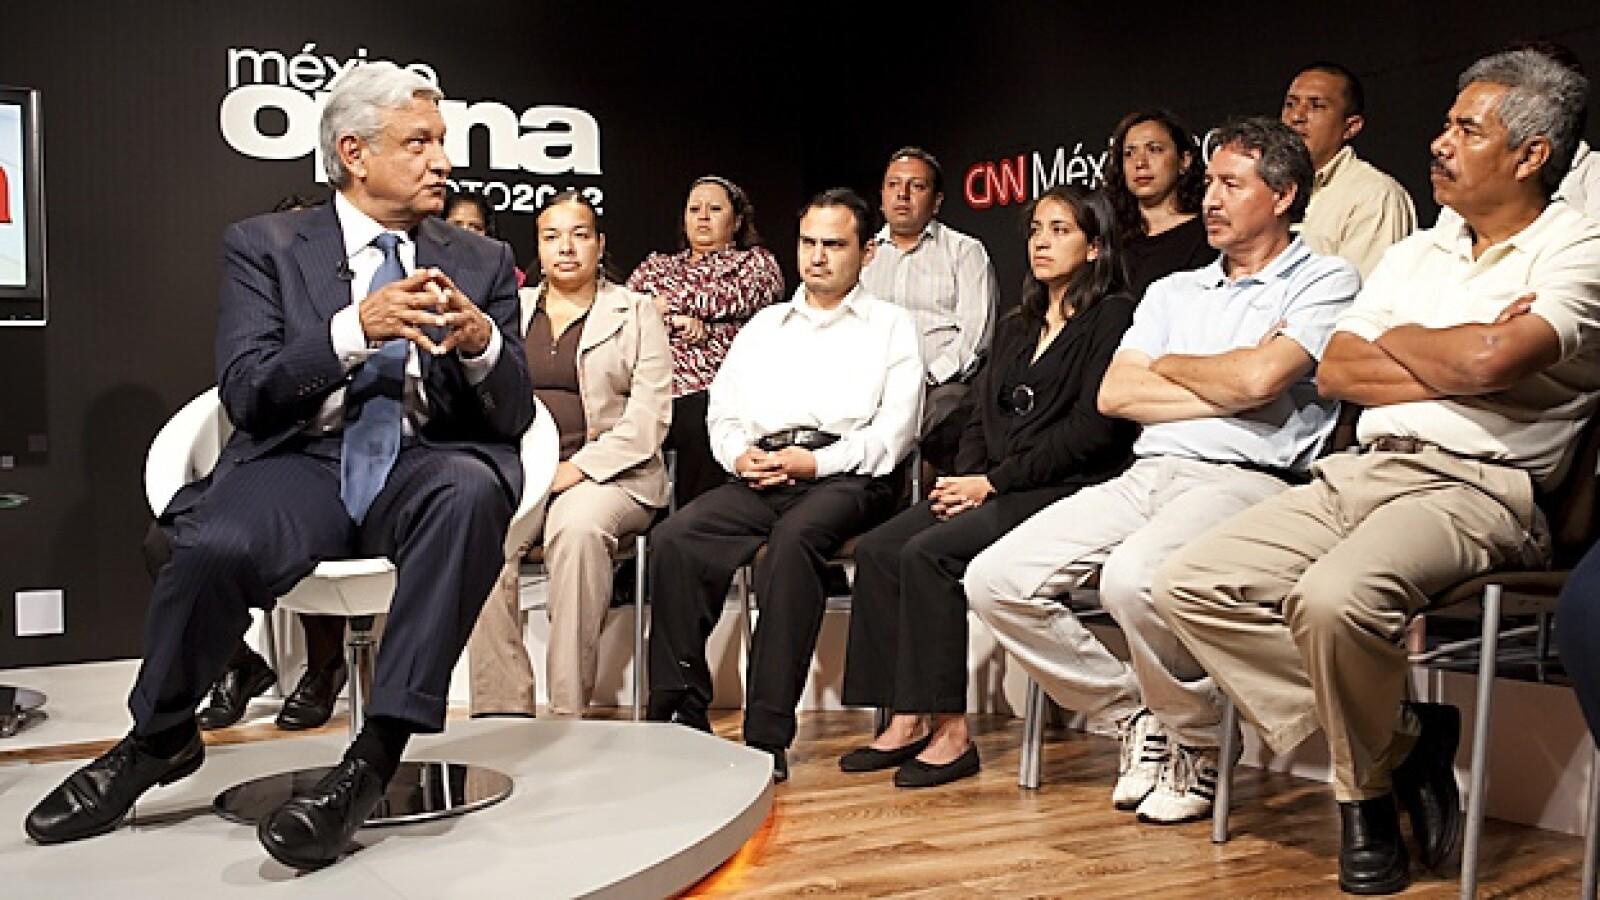 foro CNN OBRADOR